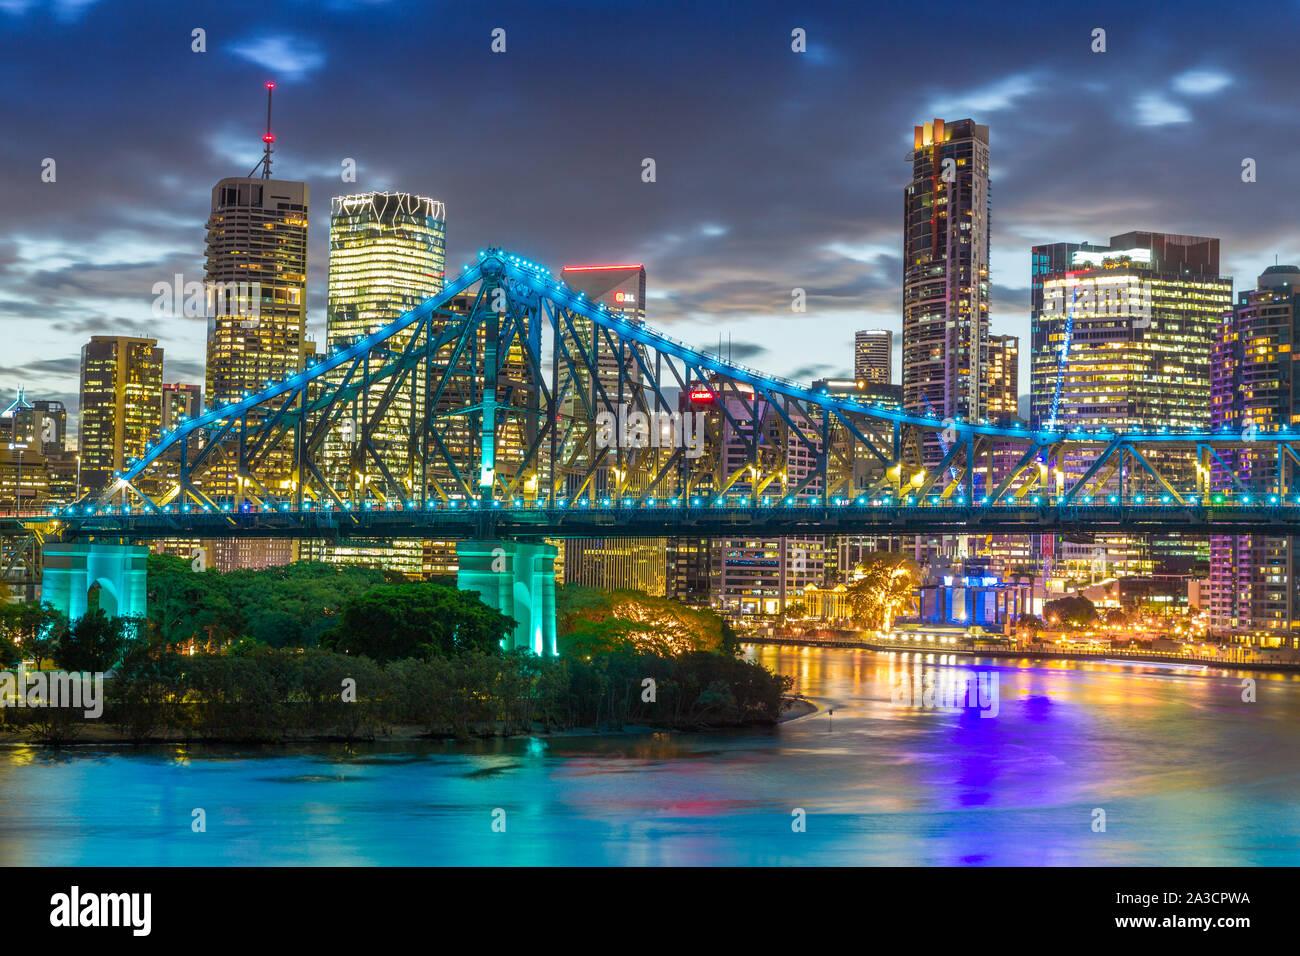 El Story Bridge en Brisbane, Queensland, Australia es un puente voladizo de acero sobre el río Brisbane. Foto de stock